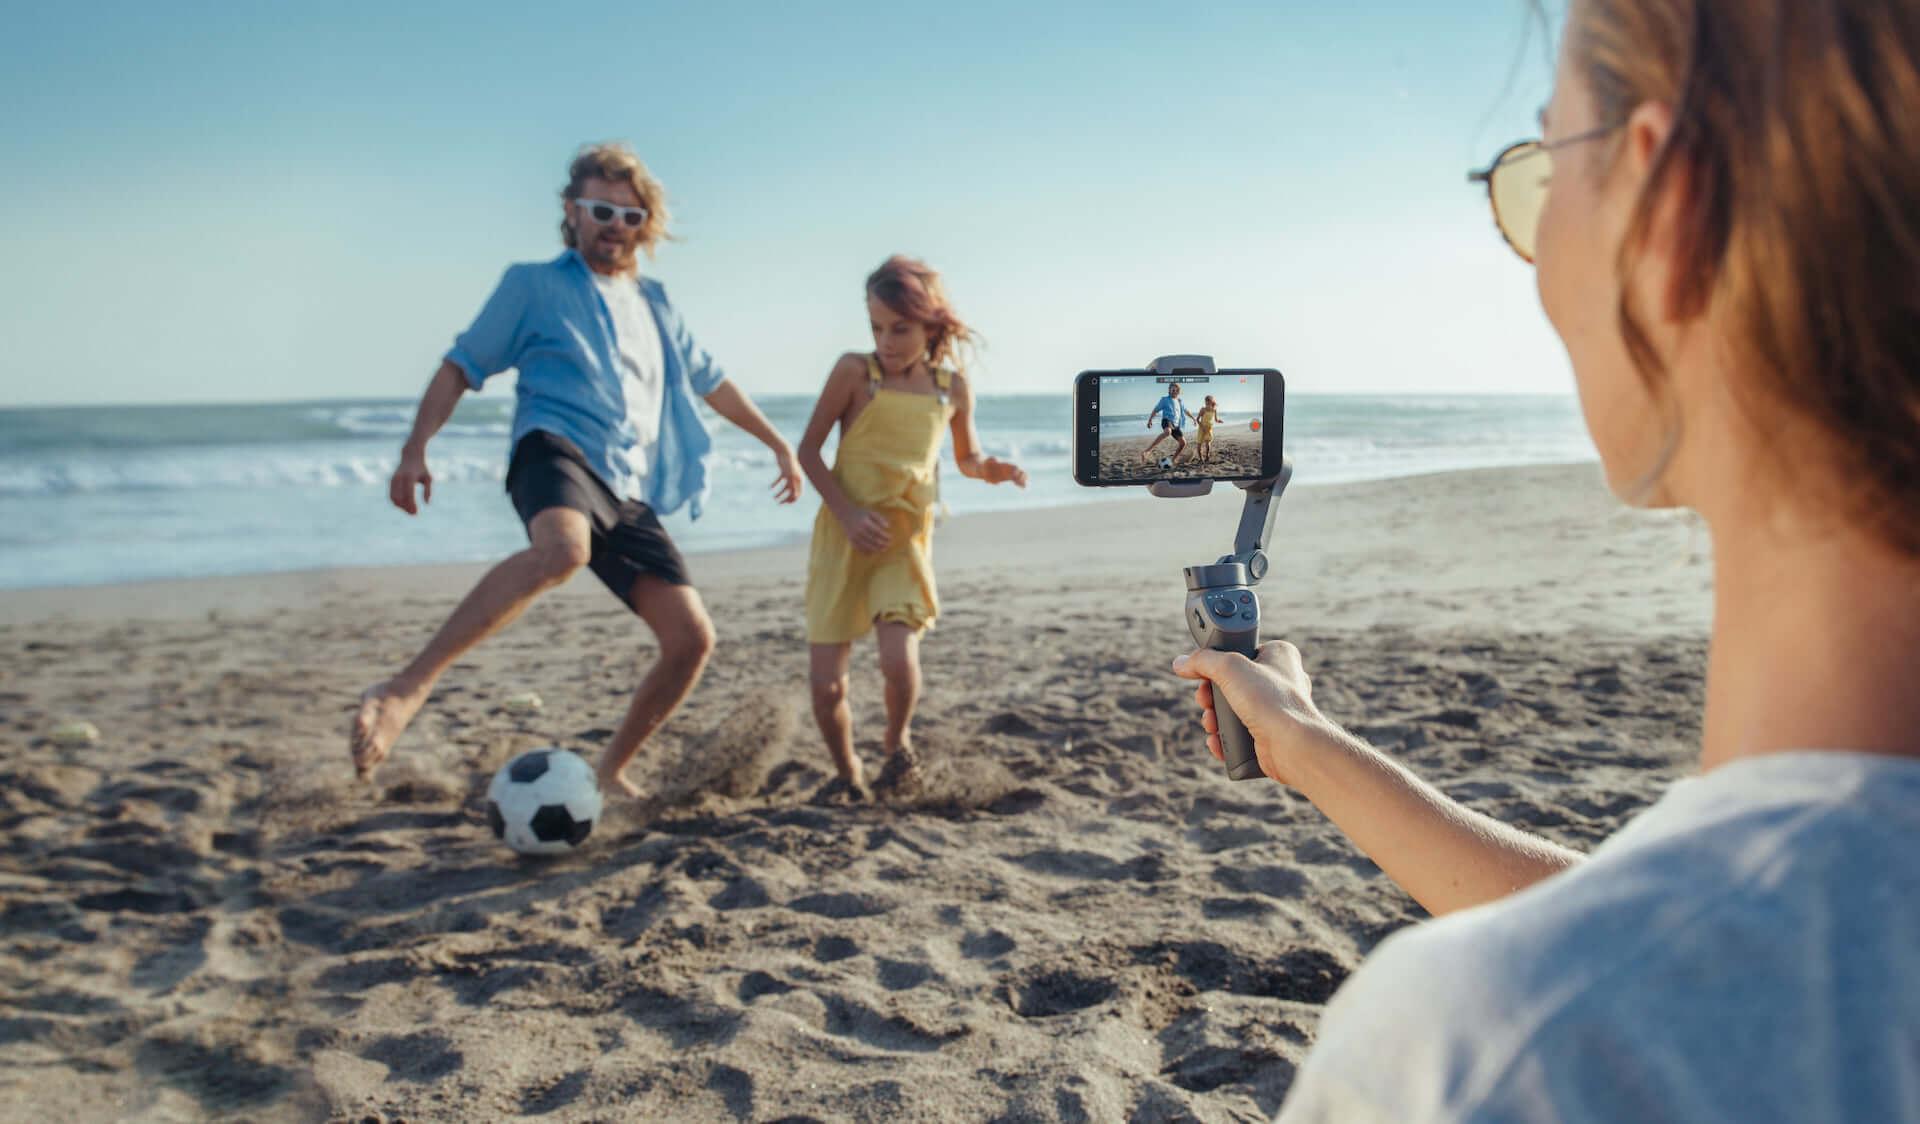 プロ並みの映像が撮れるかも!?DJI「Osmo Mobile 3」が登場|多機能な折りたたみ式スマホ用スタビライザー technology190814osmomobile_2-1920x1124